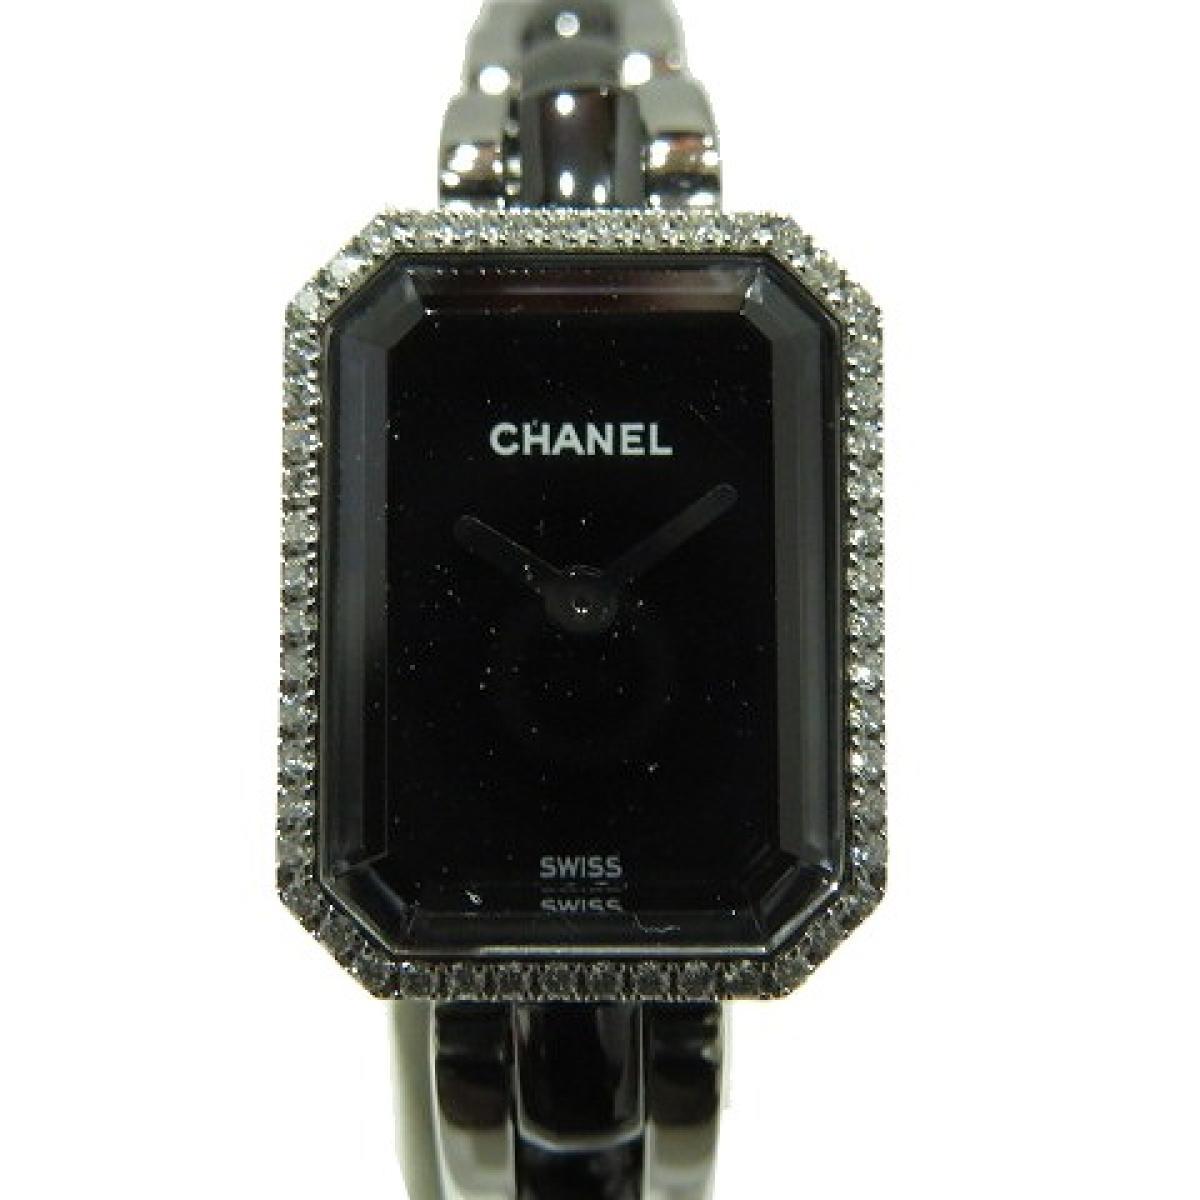 完売 シャネル プルミエールダイヤベゼル ウォッチ 腕時計 時計 レディース ステンレススチール (SS) × セラミック (H2163) 【】 | CHANEL BRANDOFF ブランドオフ ブランド ブランド時計 ブランド腕時計, INFINITY Co.,Ltd. 9694bd81